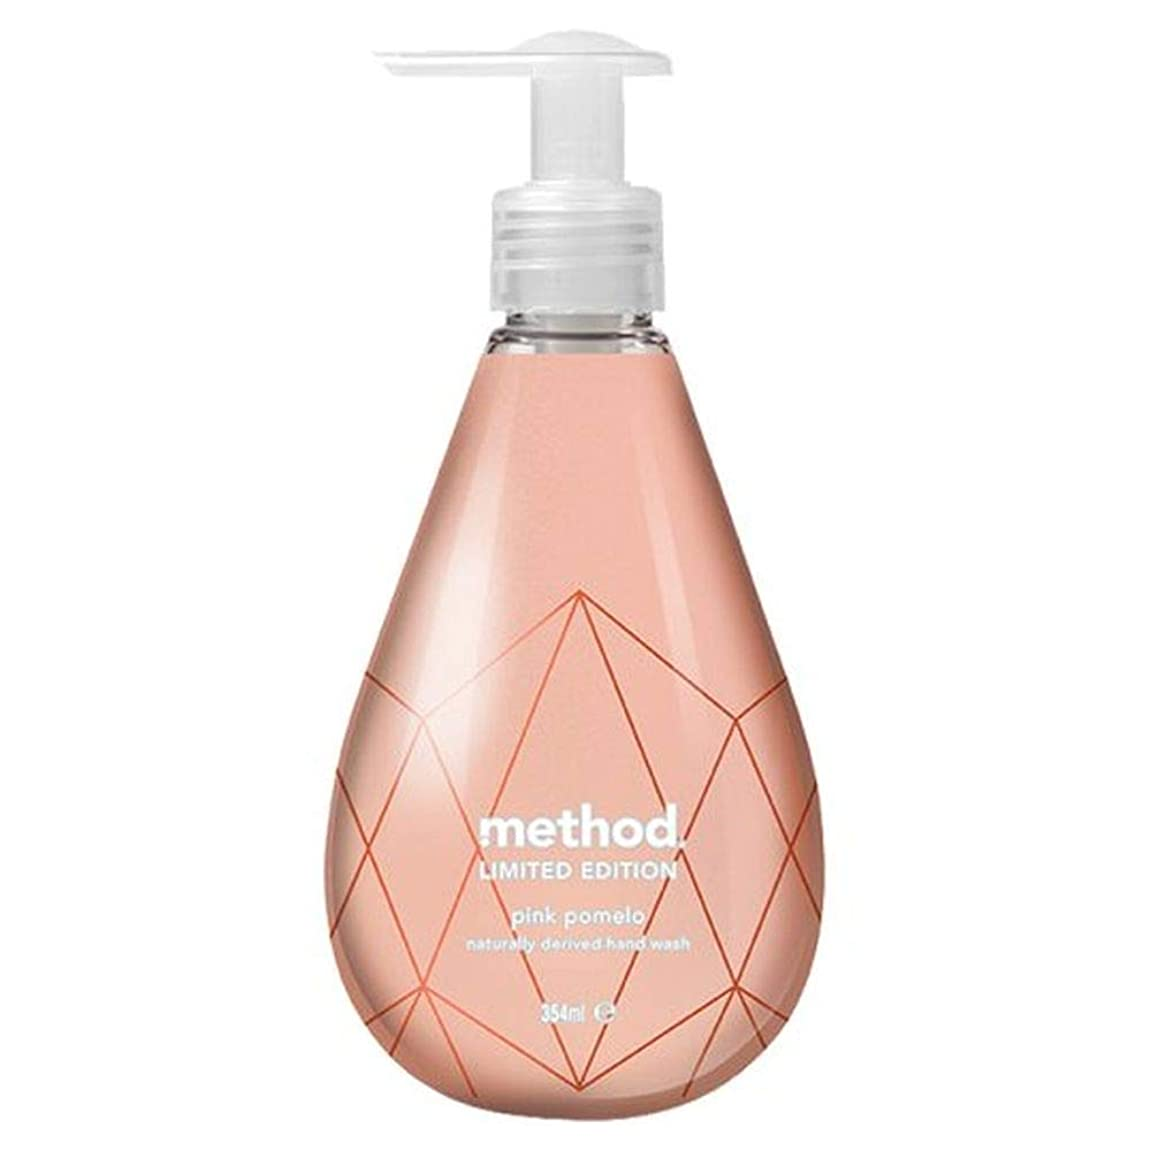 パーツティーンエイジャー不承認[Method ] 方法ピンクザボン手洗いゲル354ミリリットル - Method Pink Pomelo Hand Wash Gel 354Ml [並行輸入品]